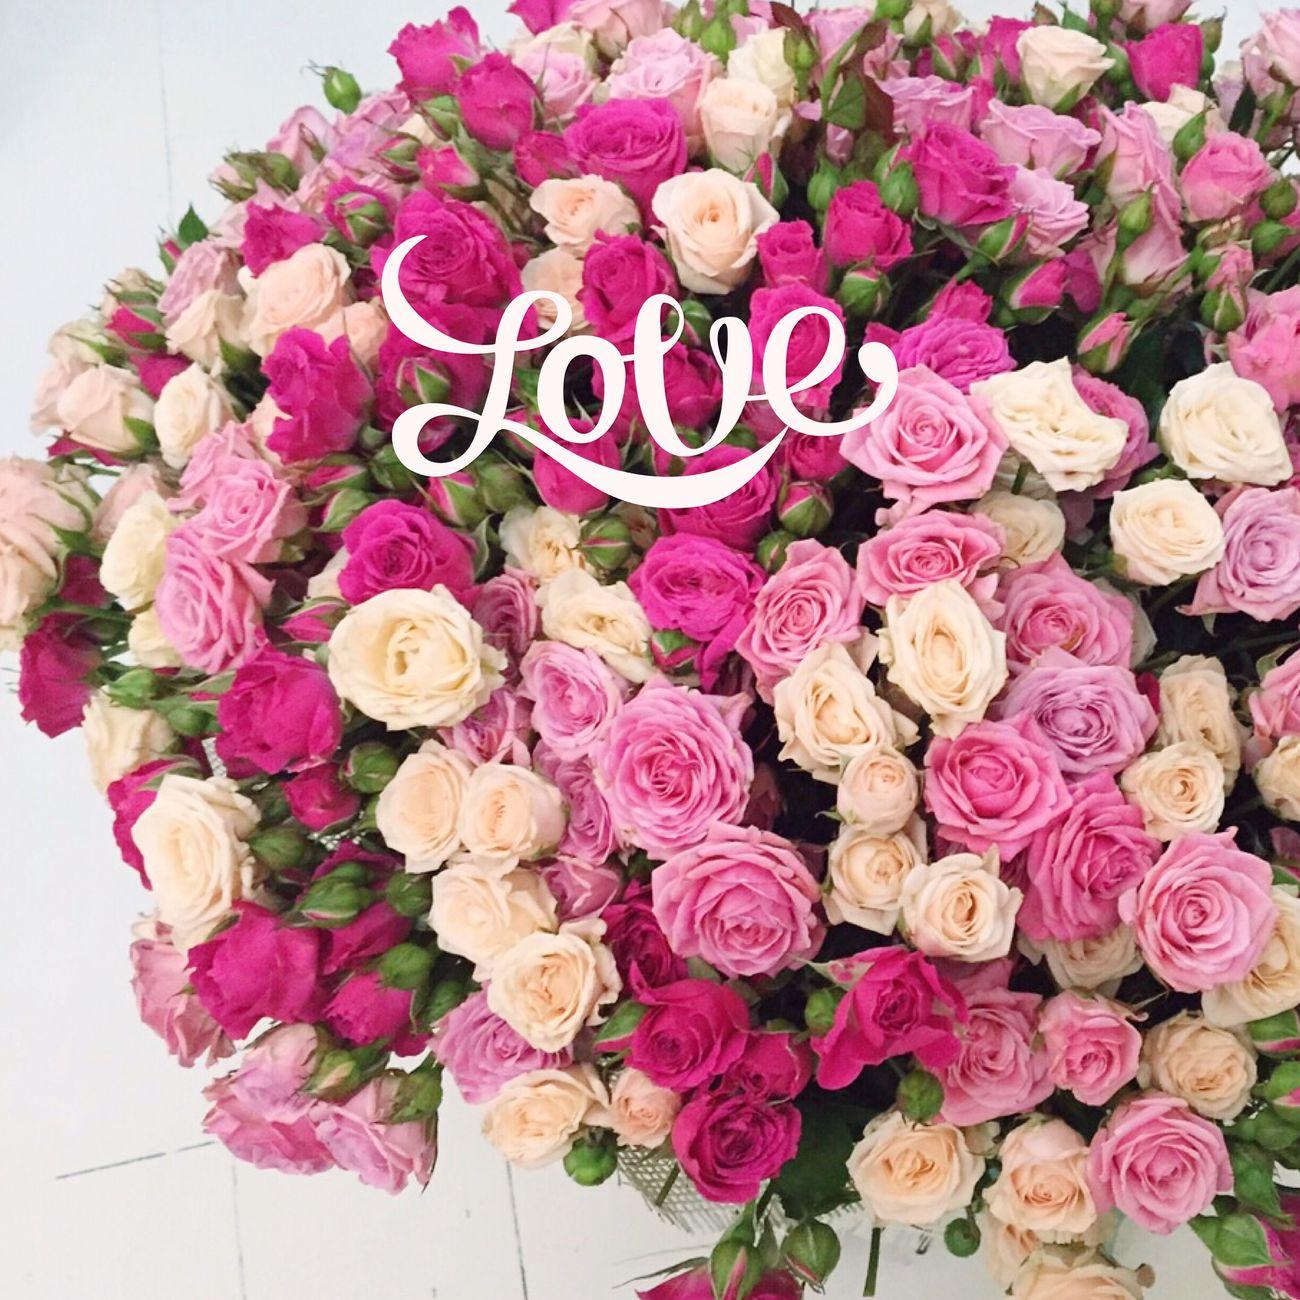 Flowers Favoriteflower Flowerslovers Love Follow us💖🎀😊